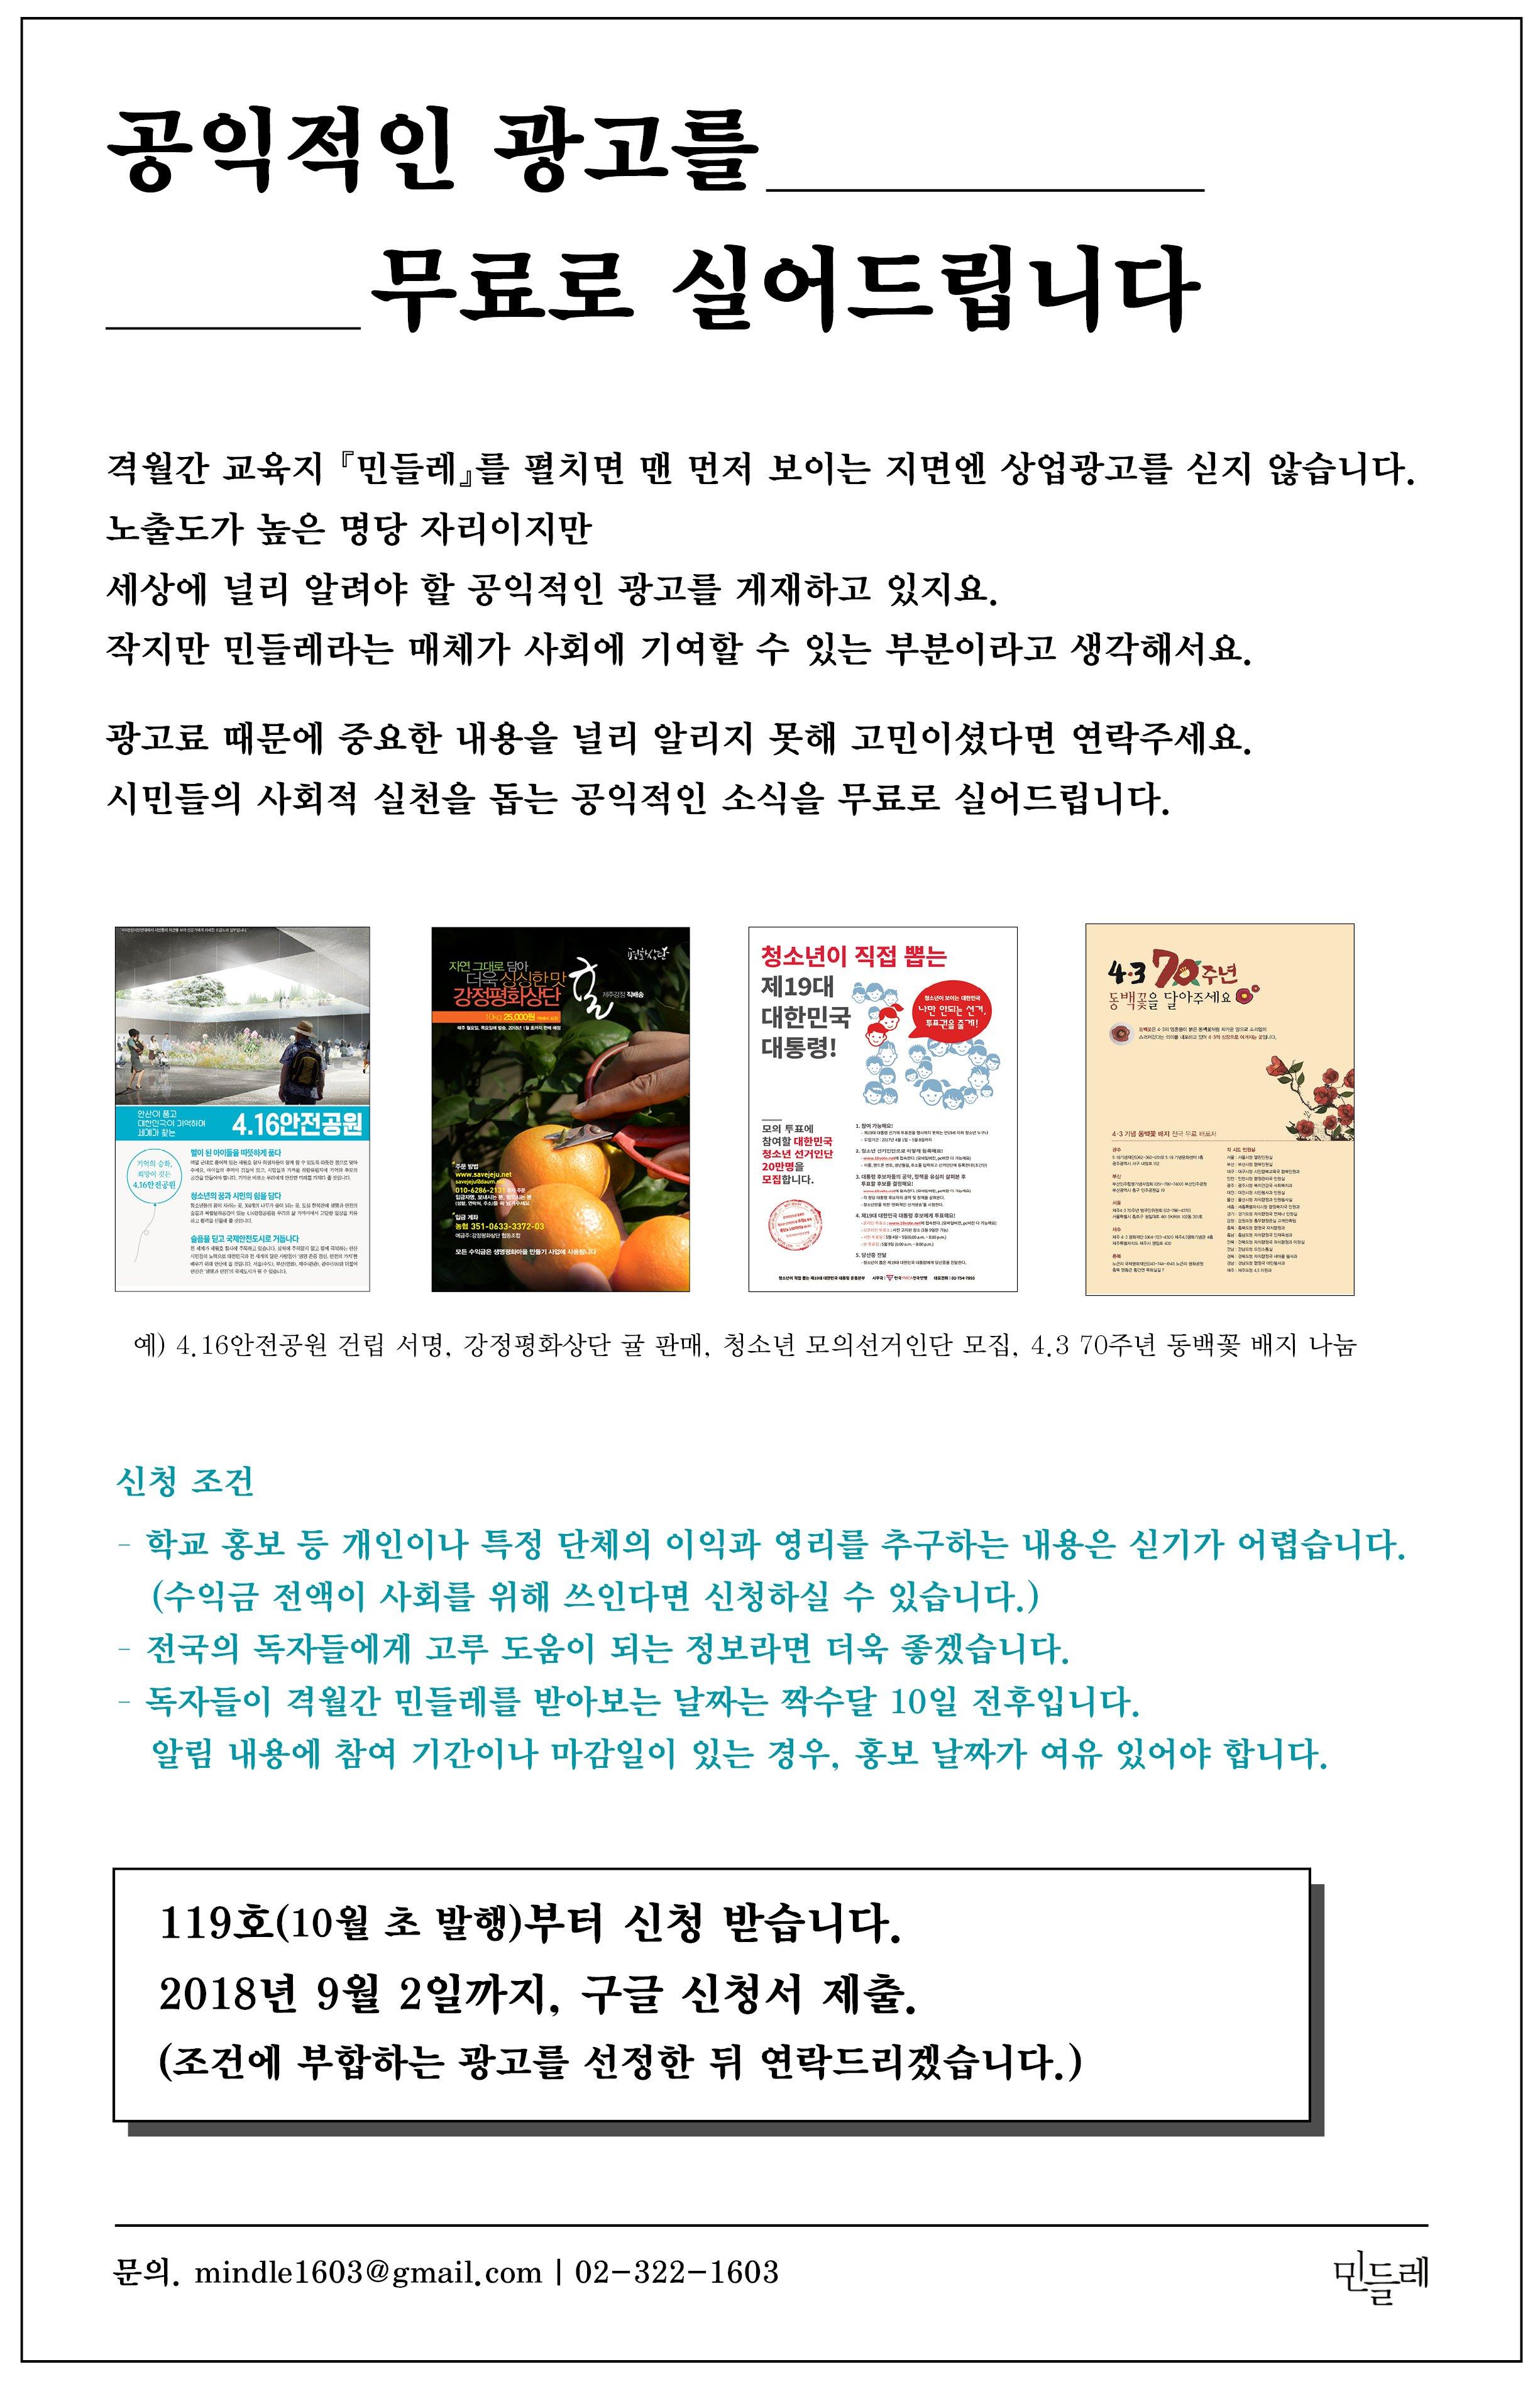 표2 모집 포스터 (최종).png